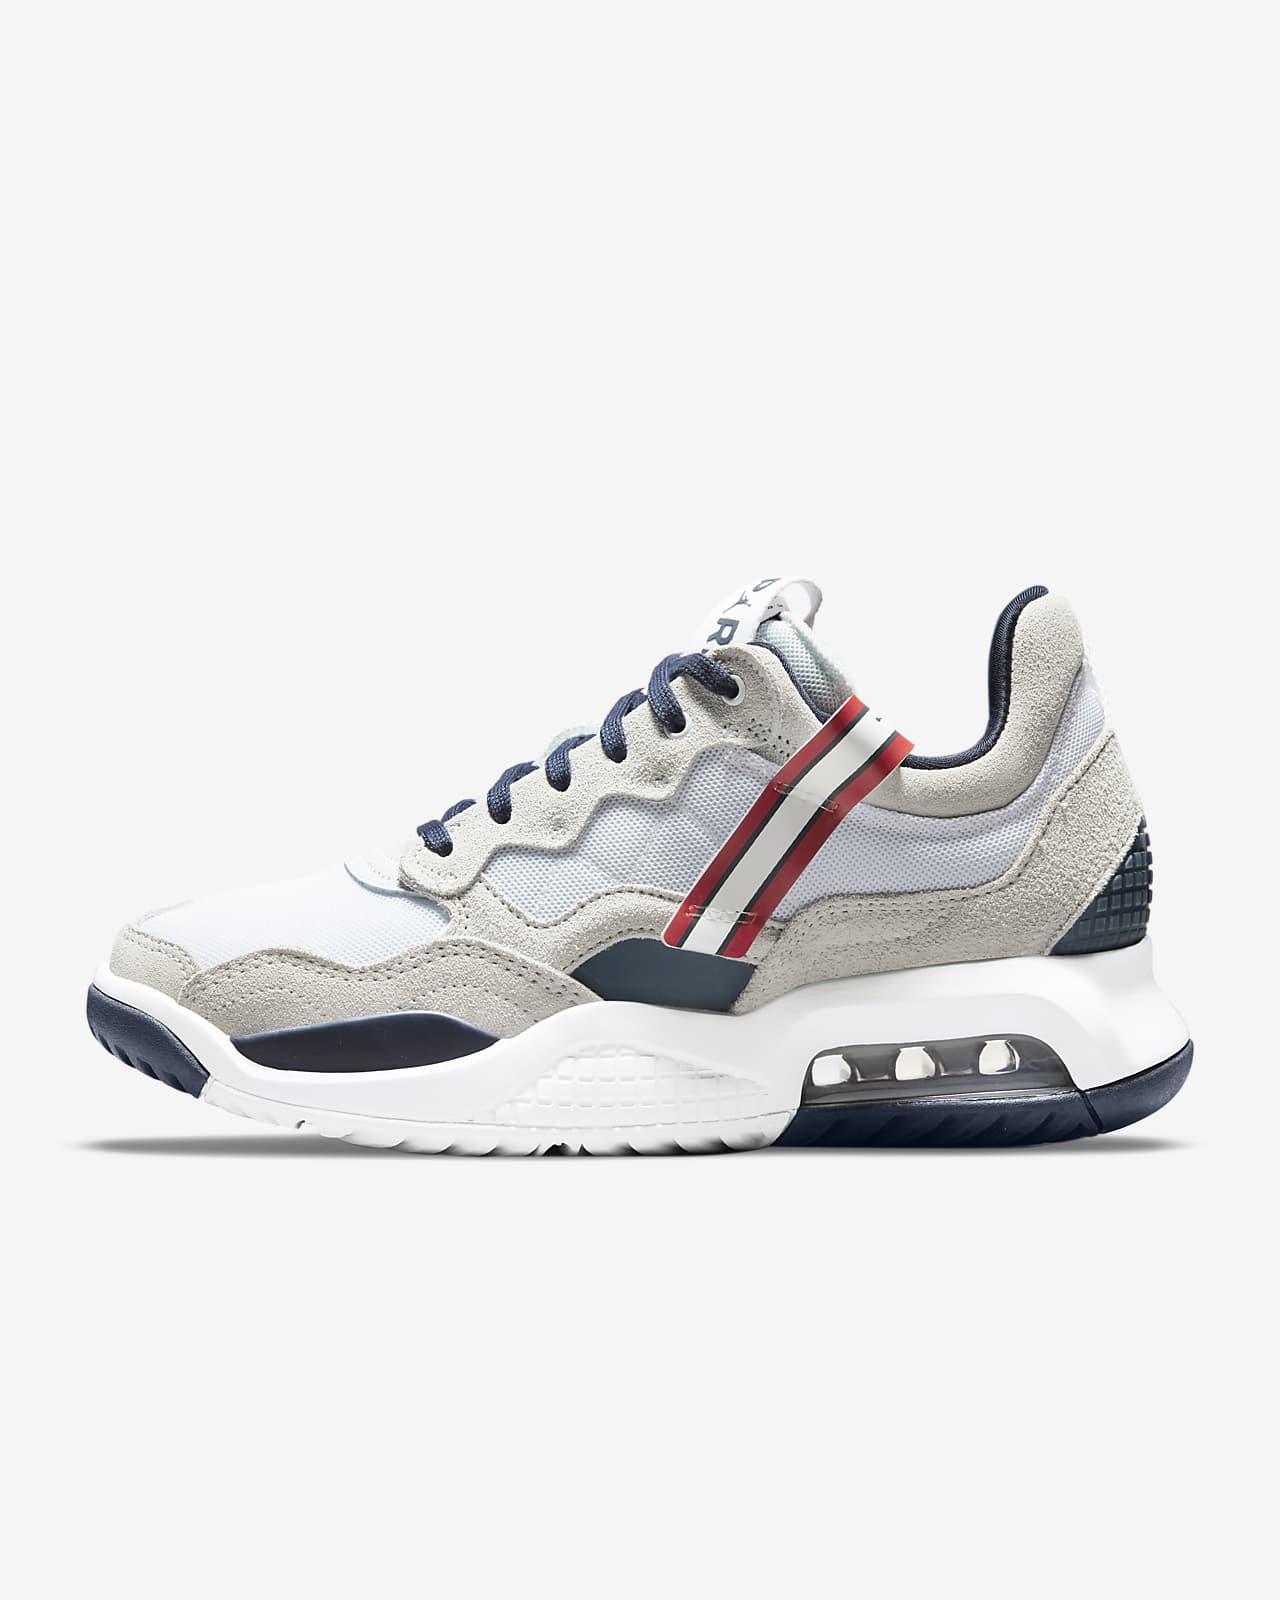 Jordan MA2 Paris Saint-Germain Women's Shoes